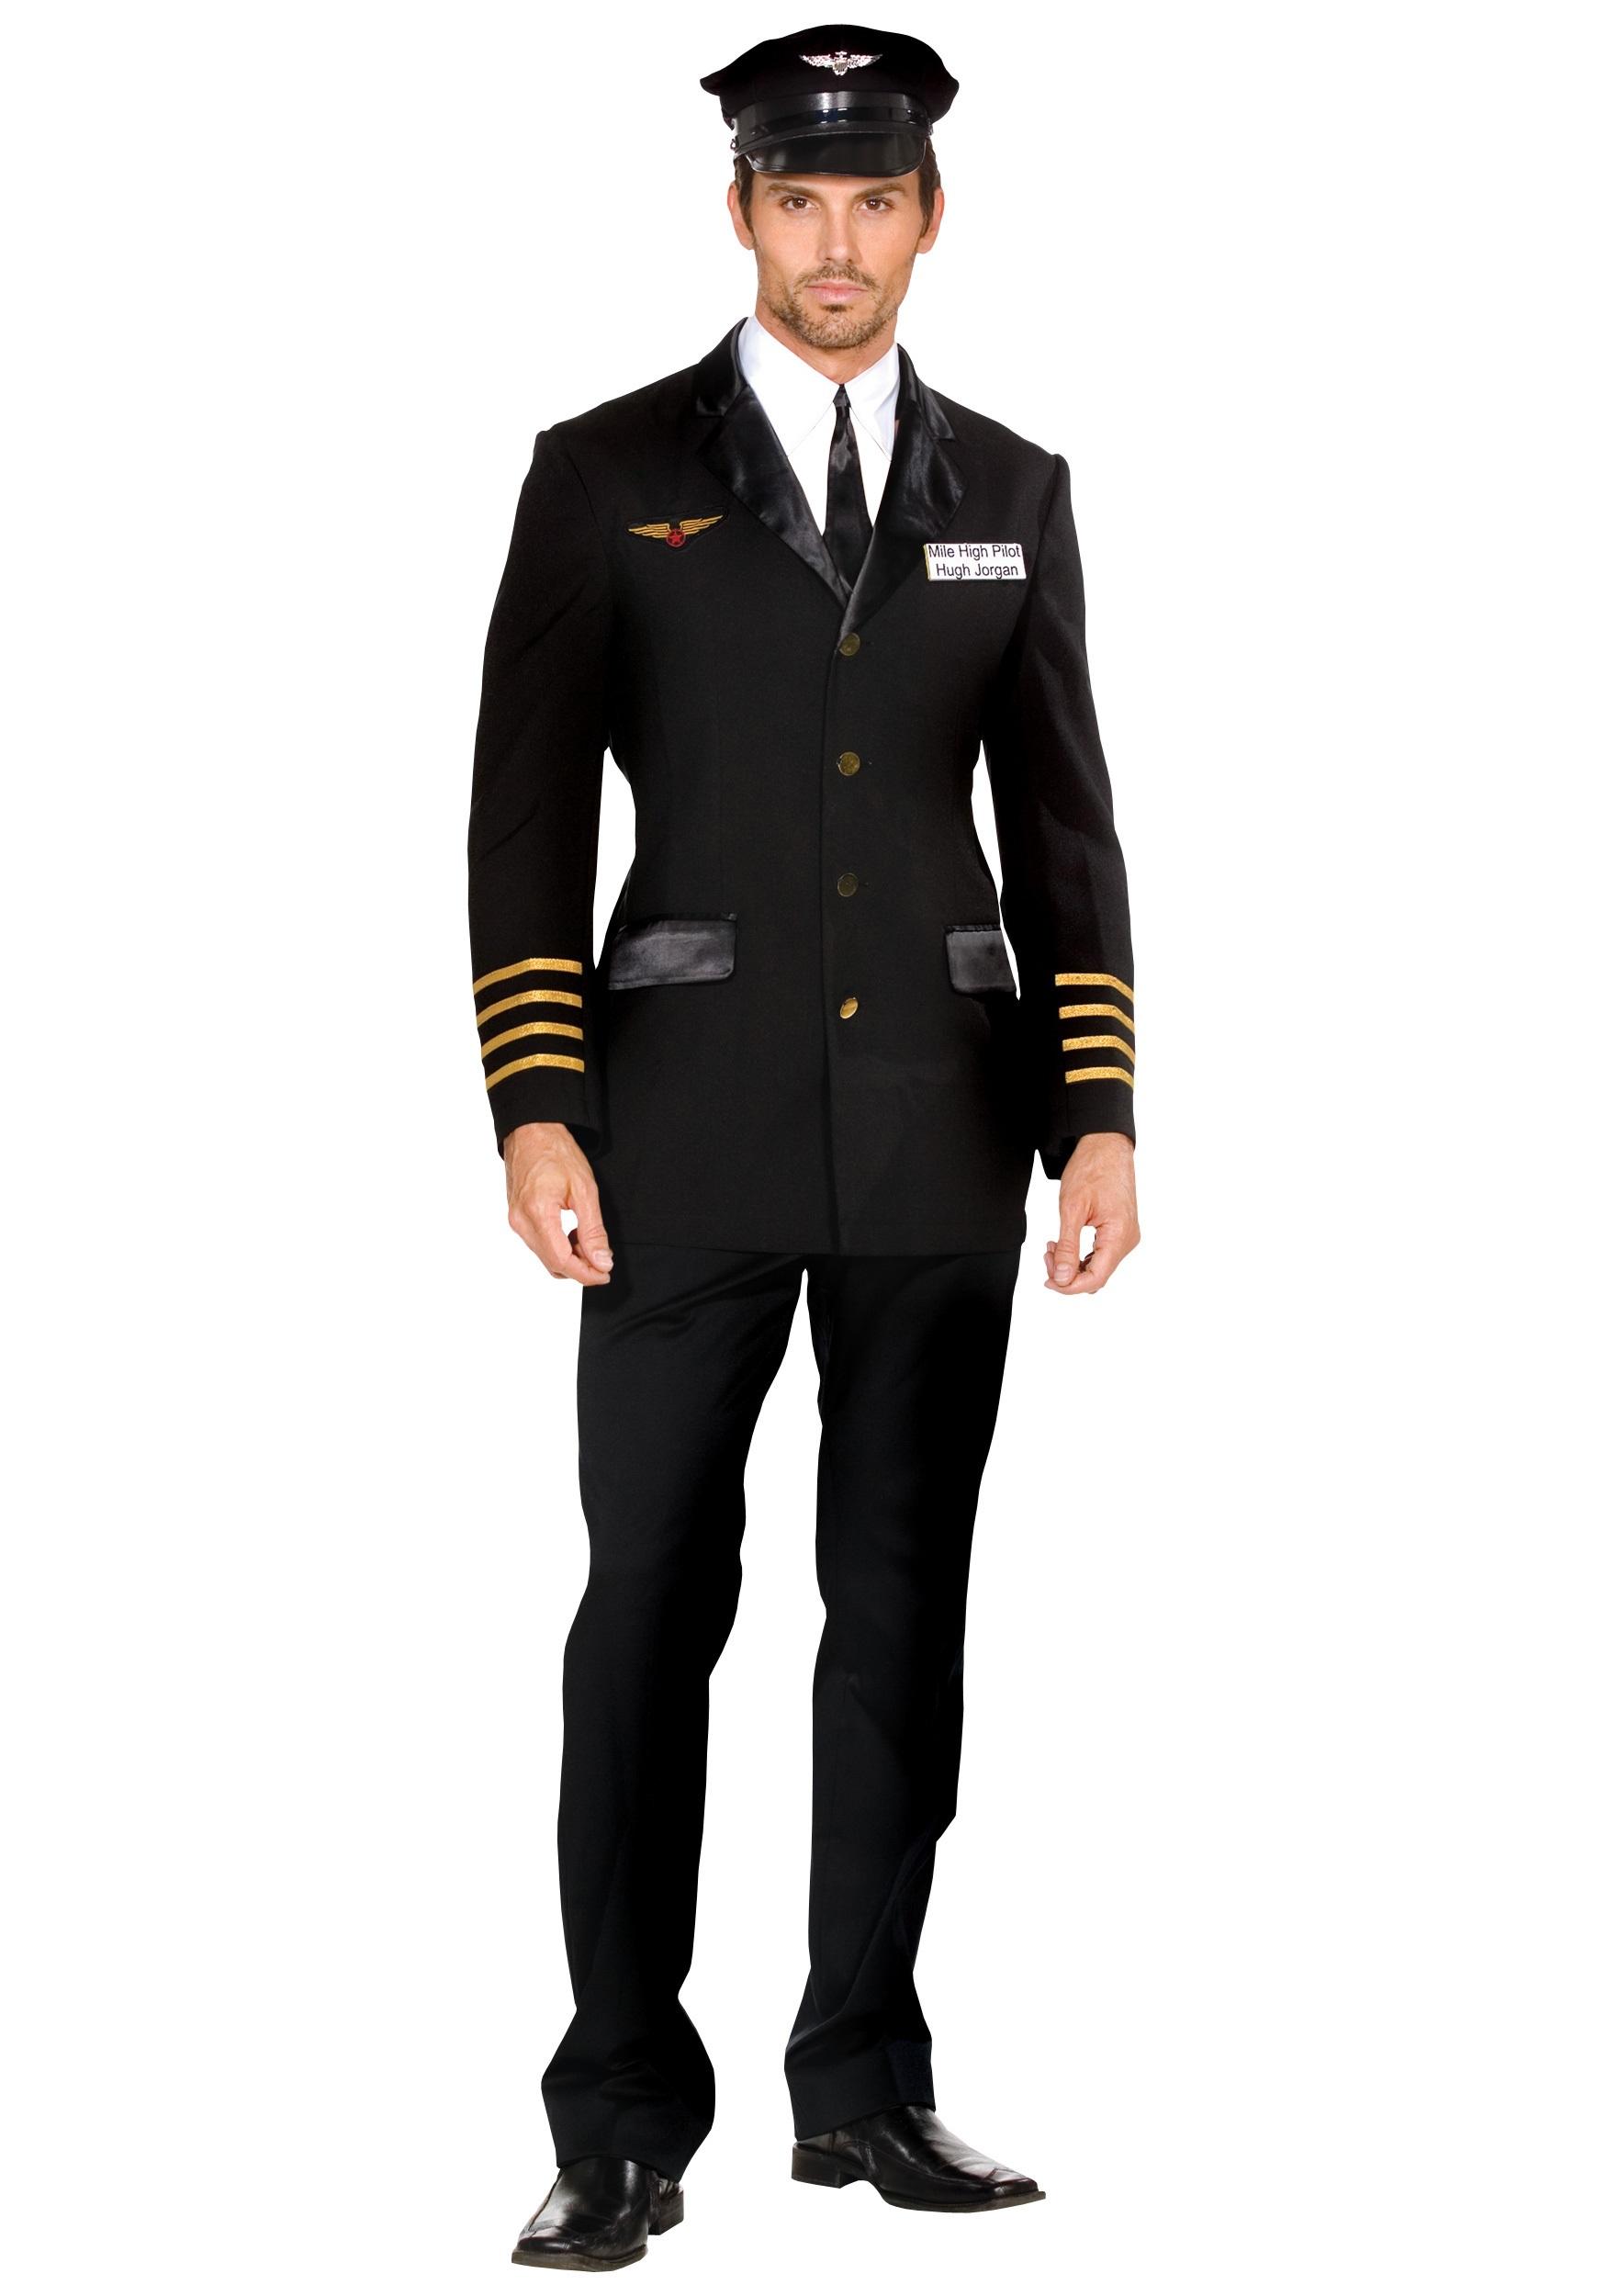 Mile High Men's Pilot Costume